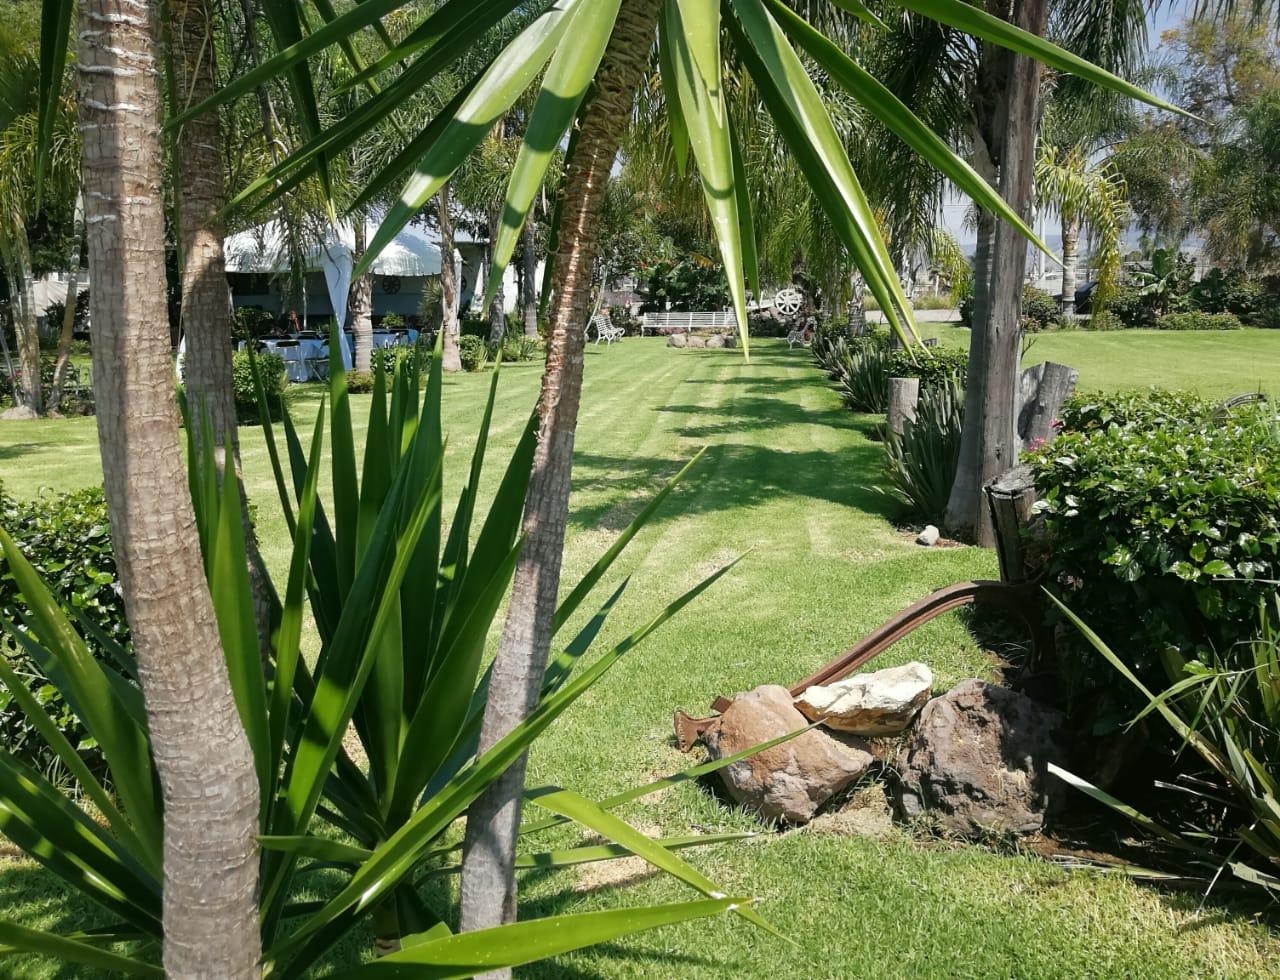 Imagen 7 del espacio Jardín rancho santa anita en Tlaquepaque, México